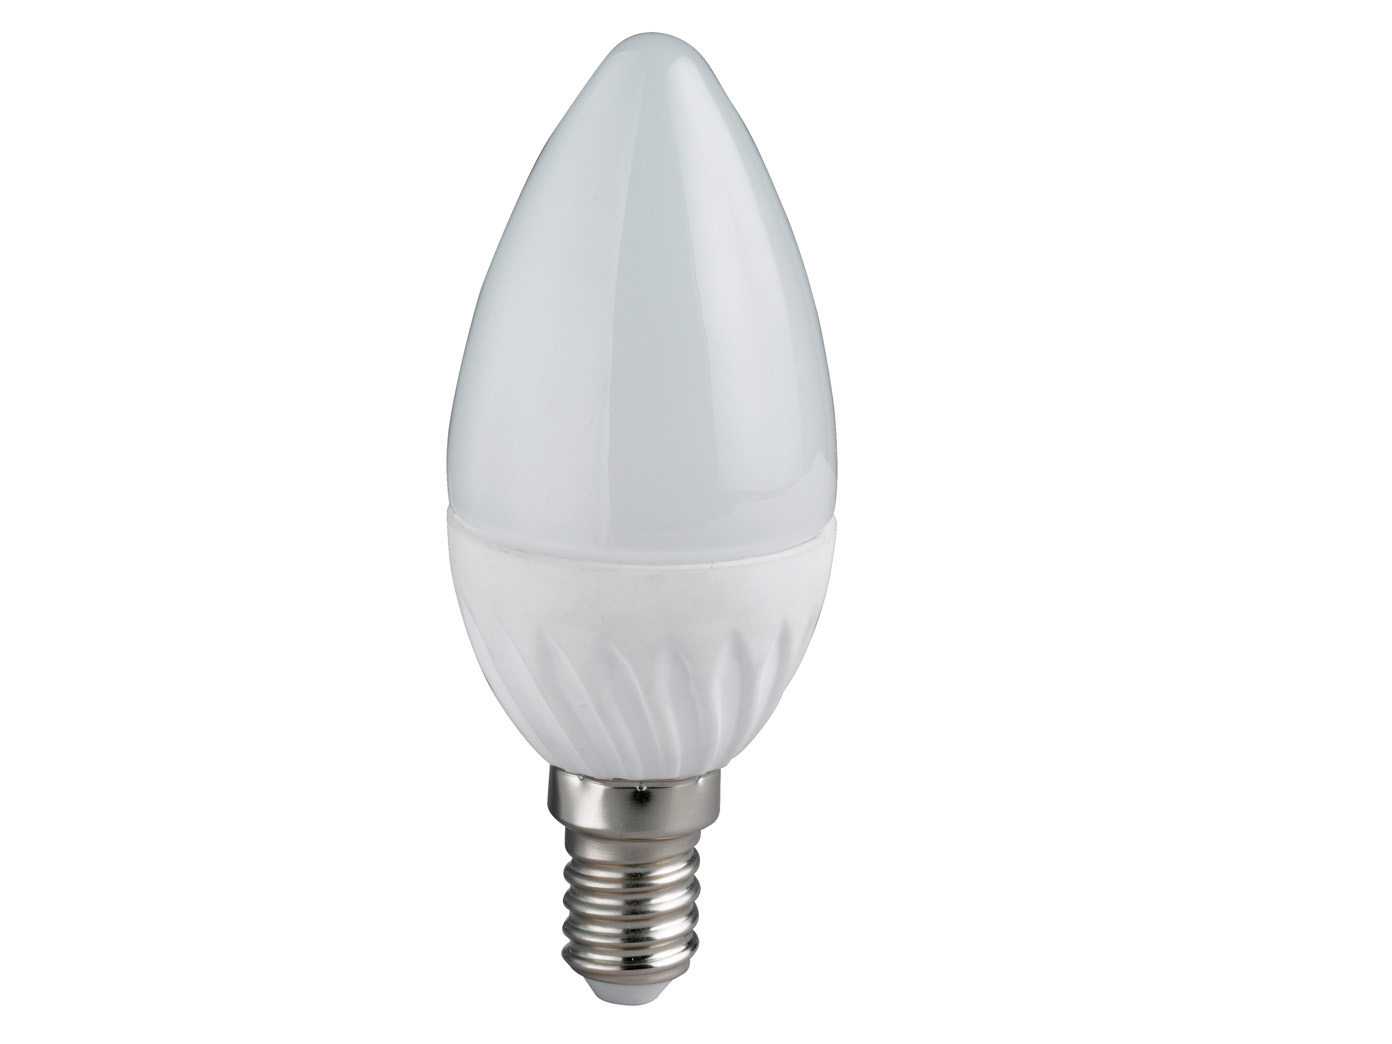 Paulmann 880.87 Energiesparlampe Kerze 9W E14 Warmweiß